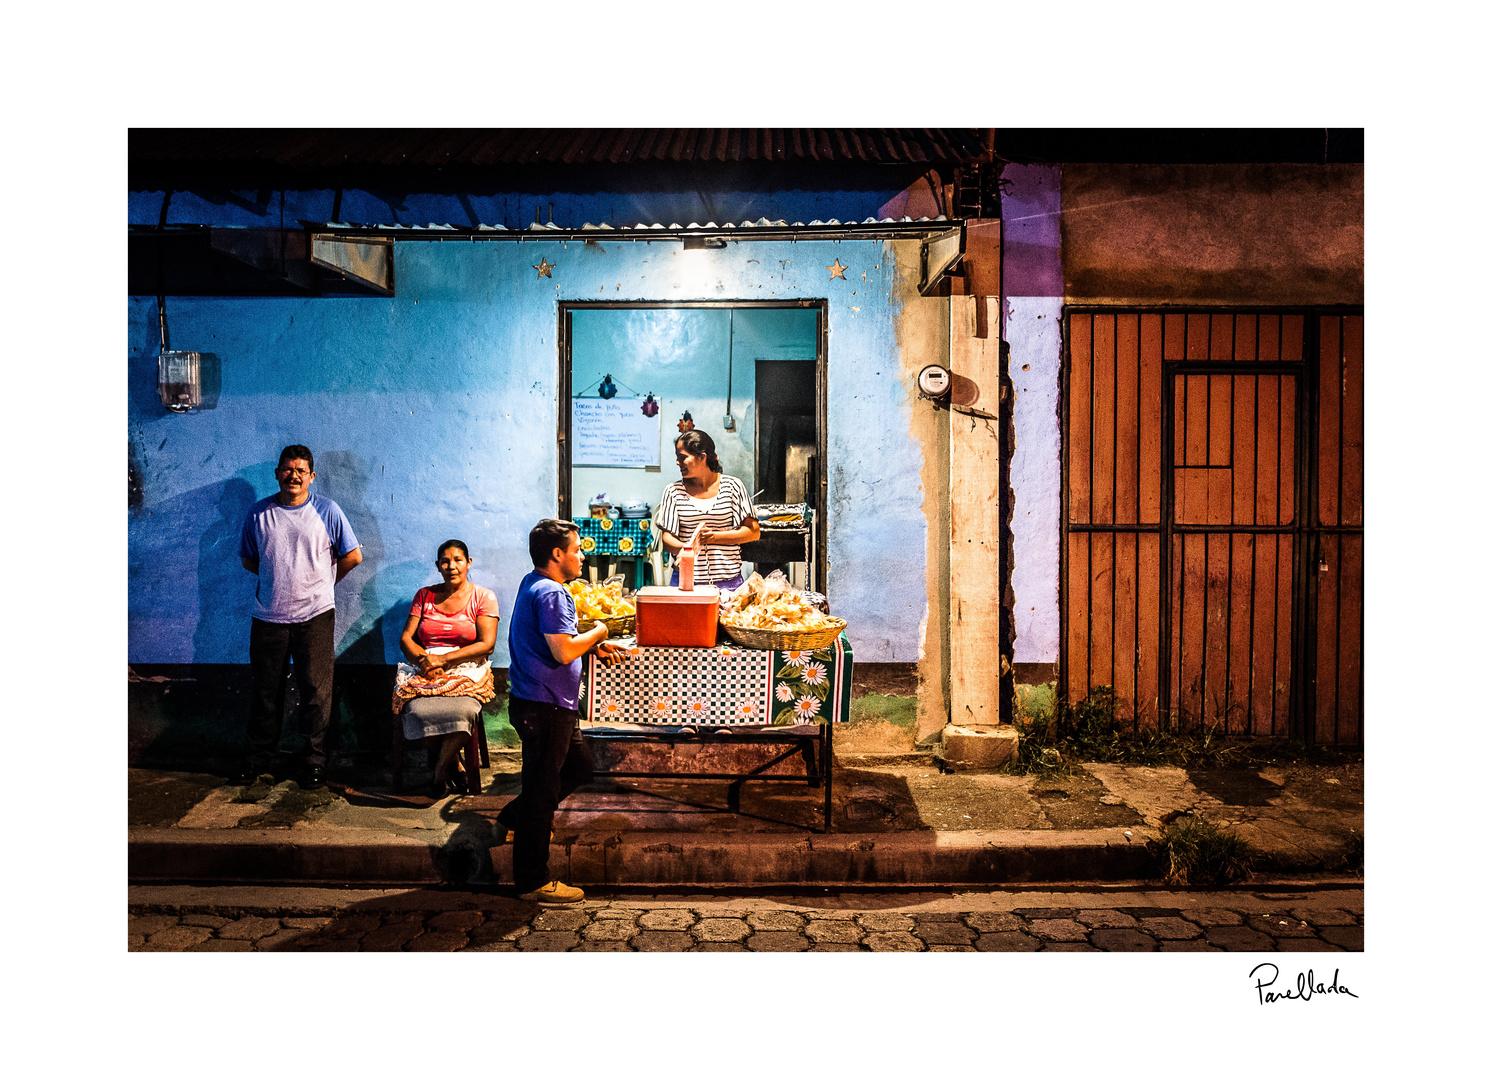 Una noche - Nicaragua (2016)